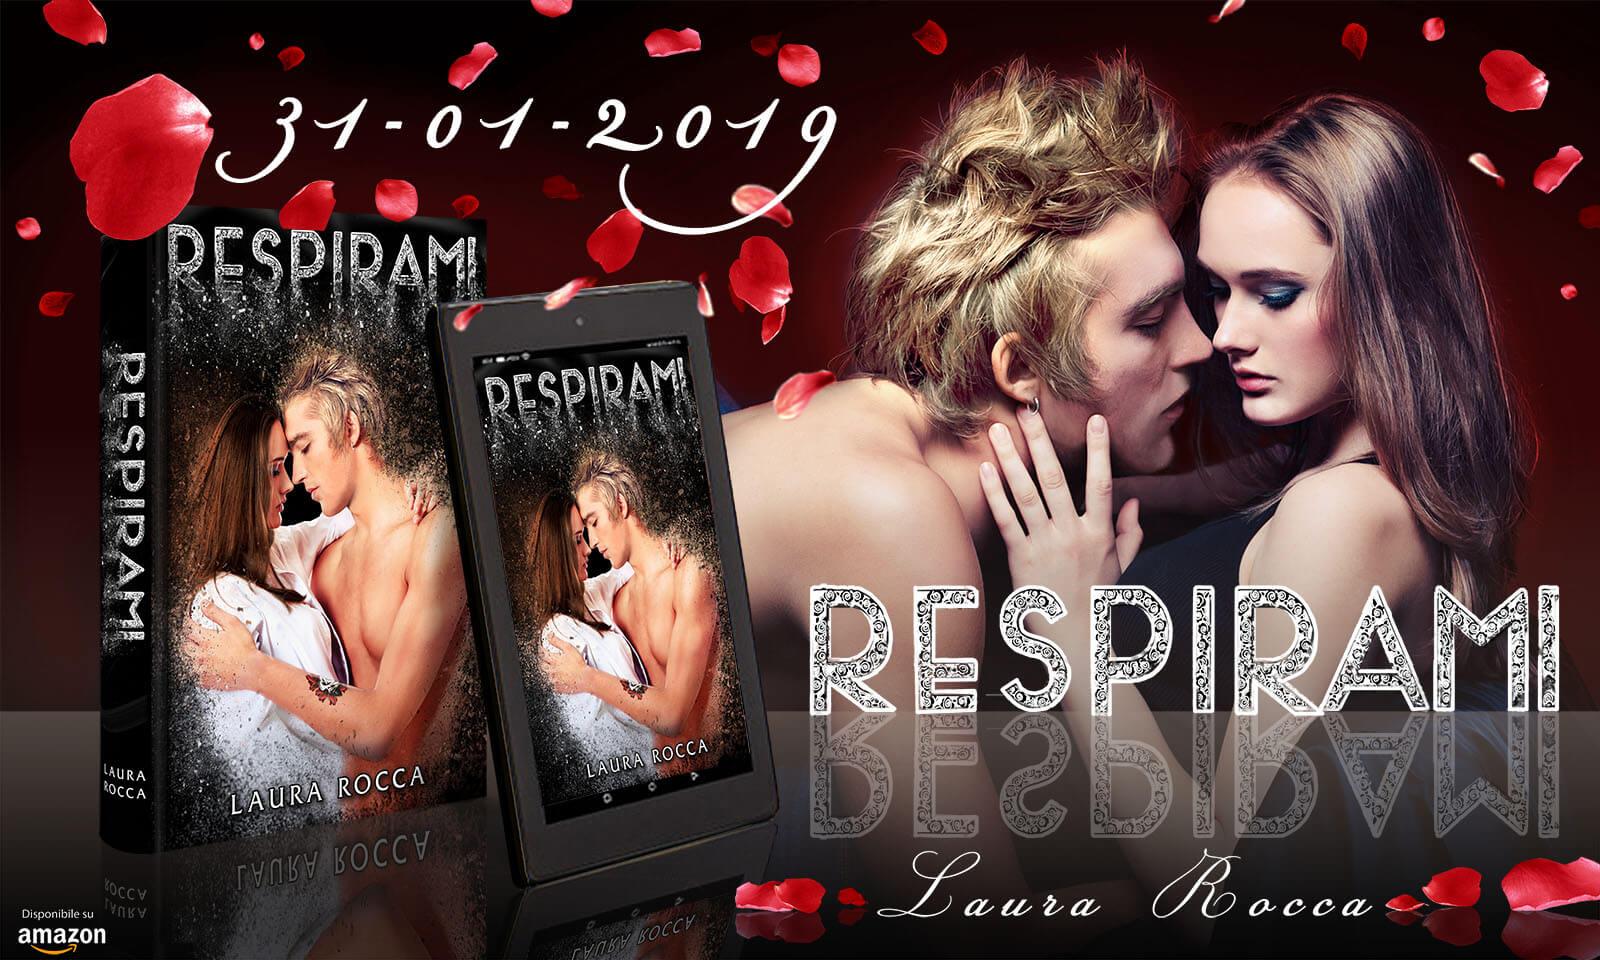 Respirami di Laura Rocca - Romance - New Adult